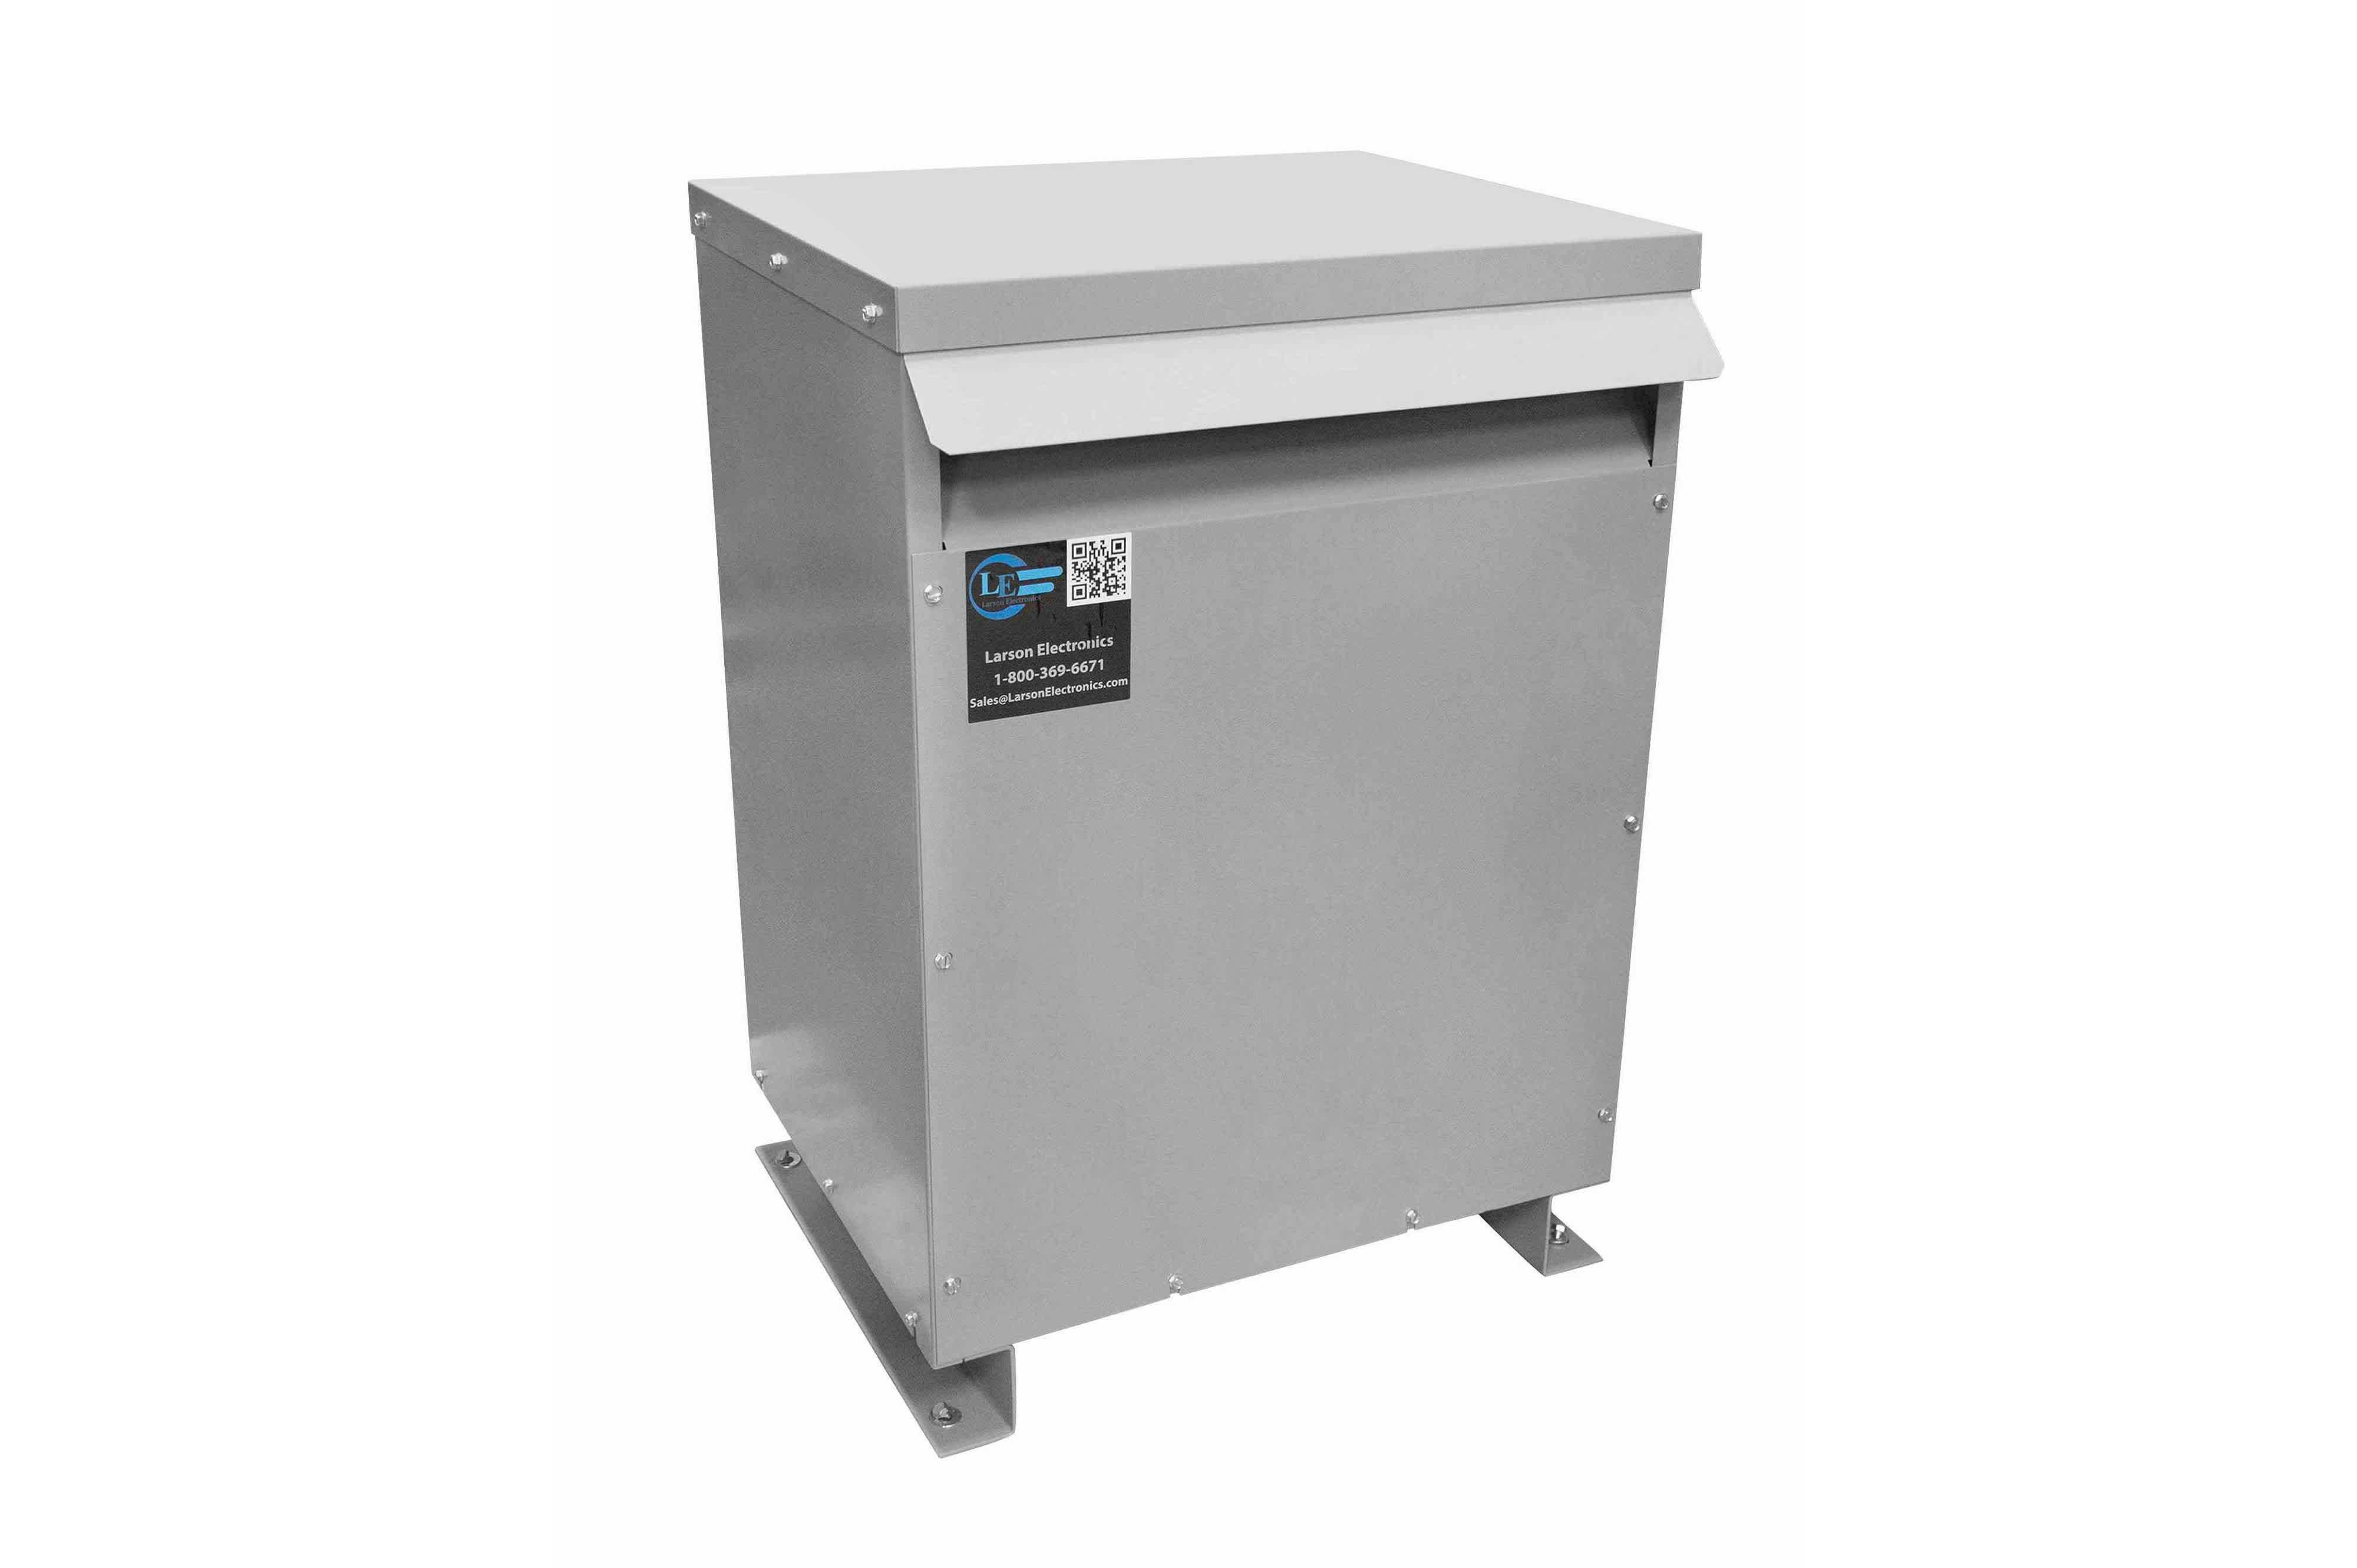 300 kVA 3PH Isolation Transformer, 575V Delta Primary, 208V Delta Secondary, N3R, Ventilated, 60 Hz